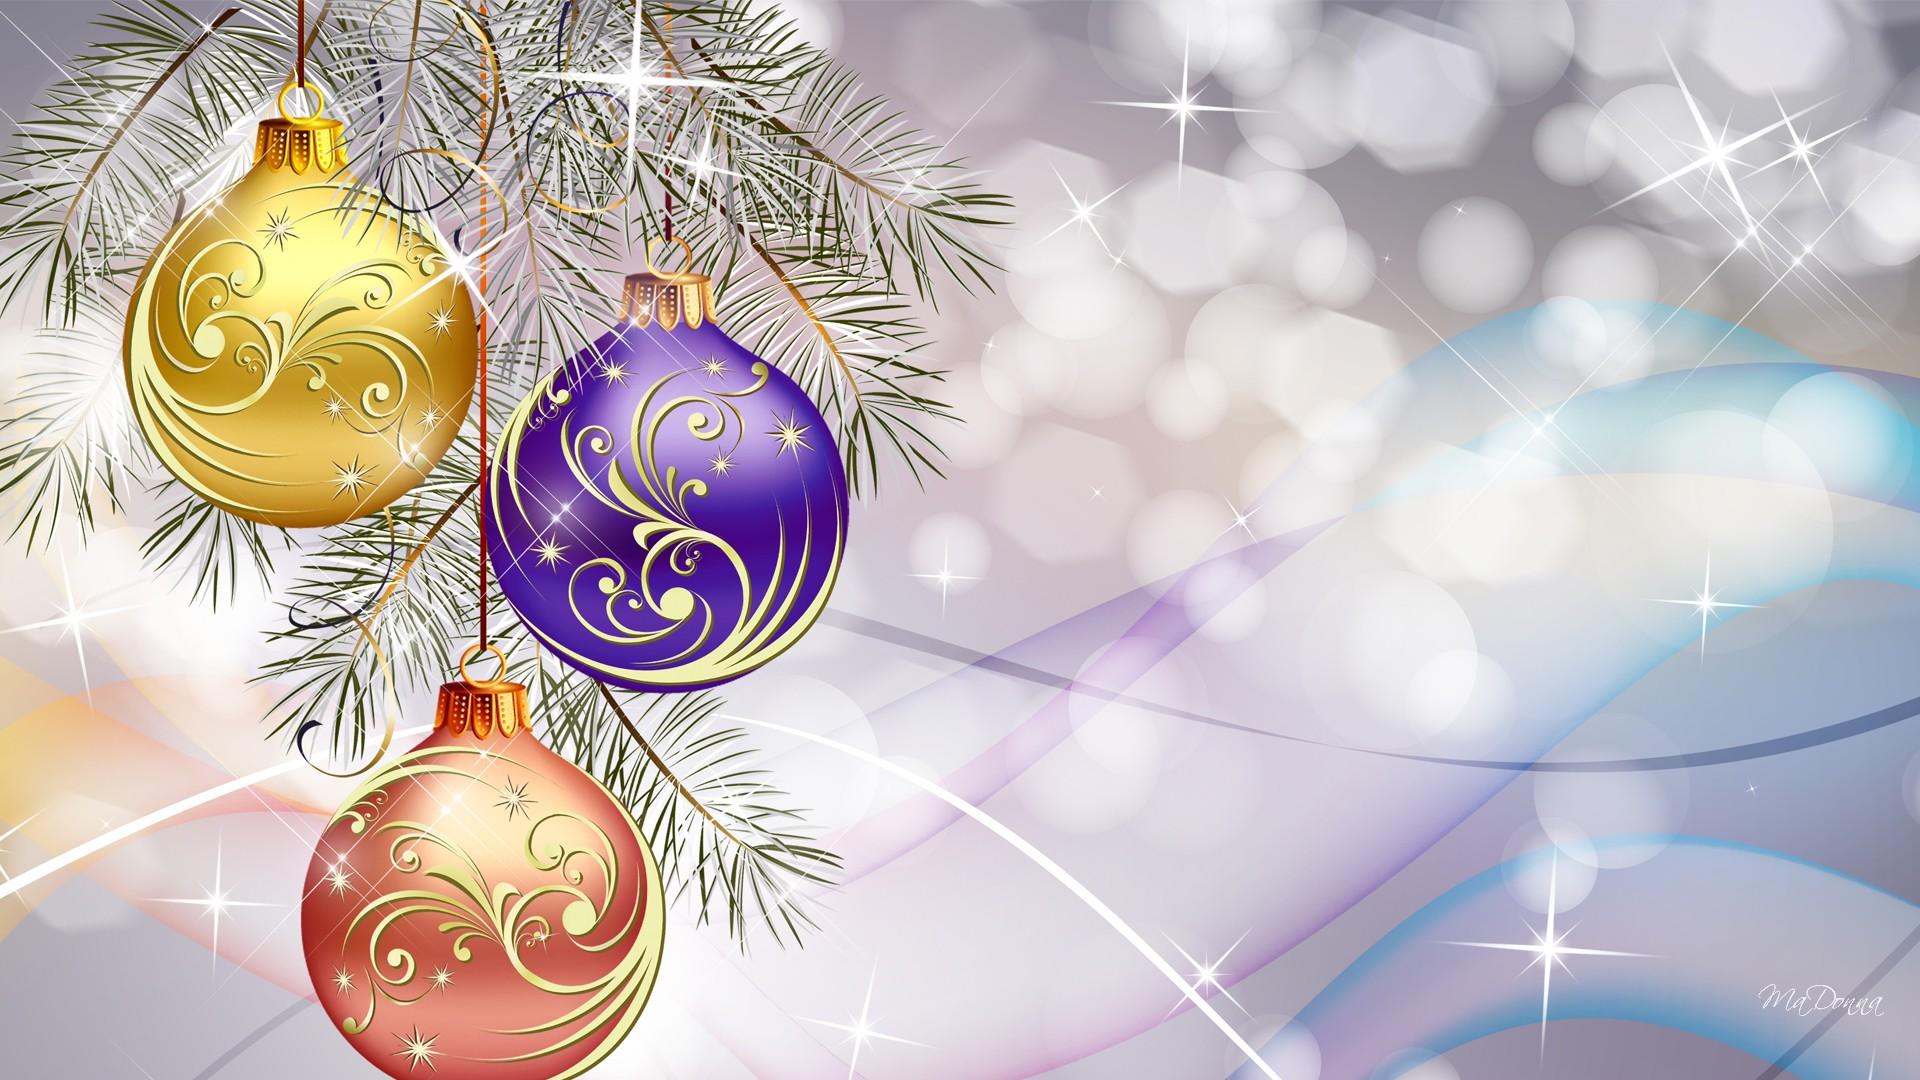 Happy Holidays Wallpapers 1920x1080 px ETDBF9F 1920x1080